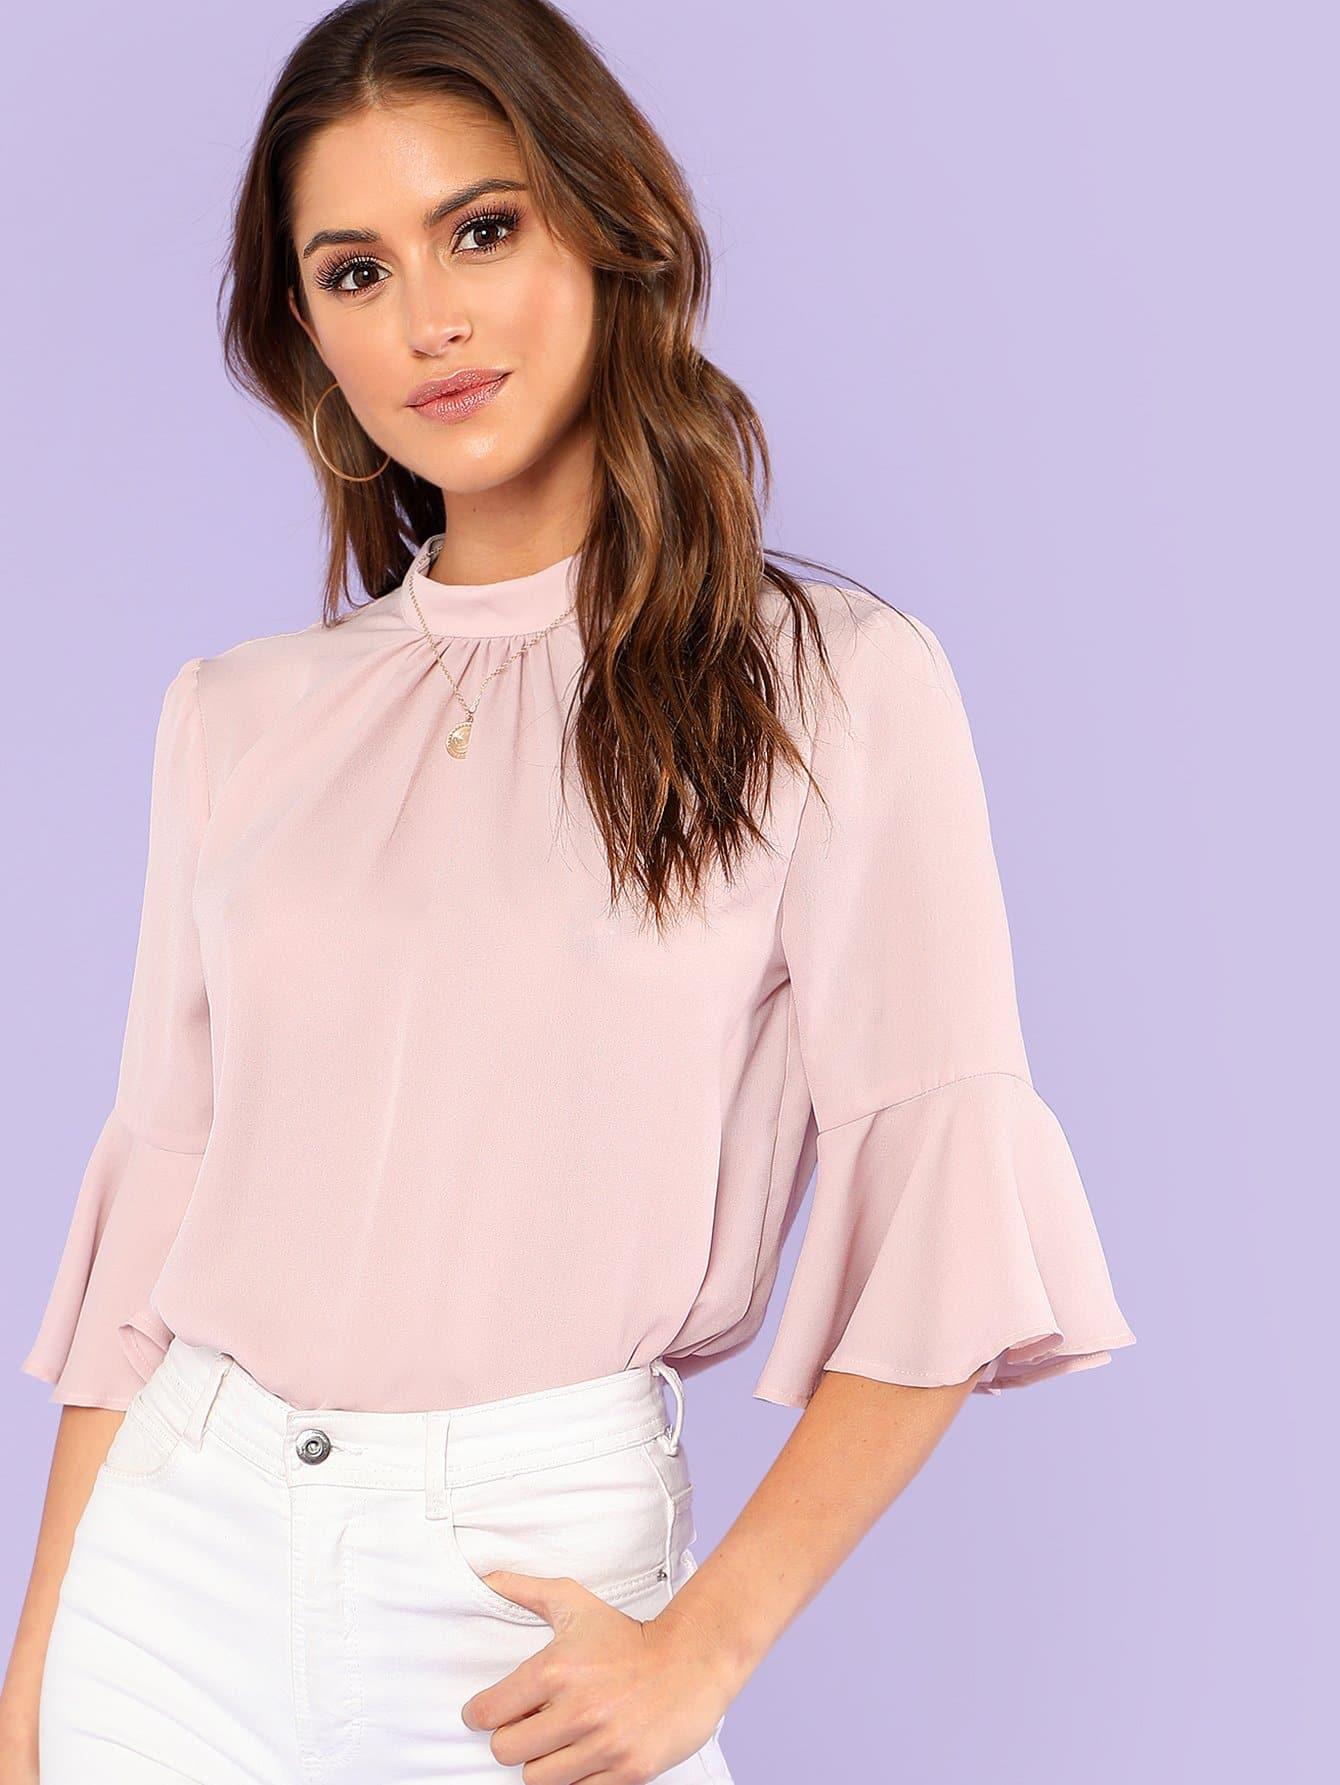 Купить Стильная блузка с дизайнерским рукавом, Gigi Paris, SheIn